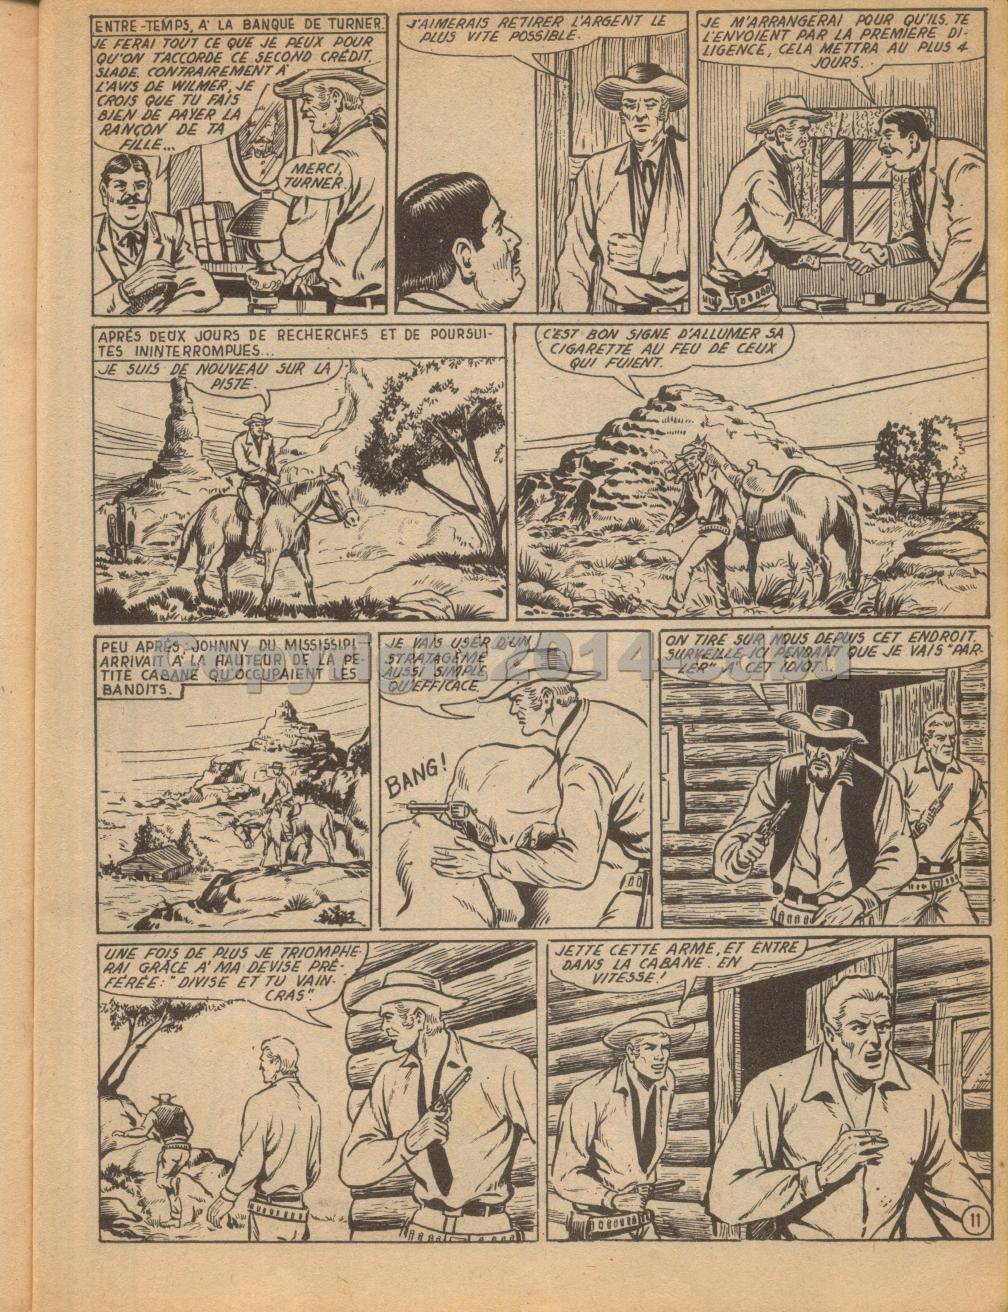 Audax mensuel n°67 de Avril 1958 -page 27 à fin